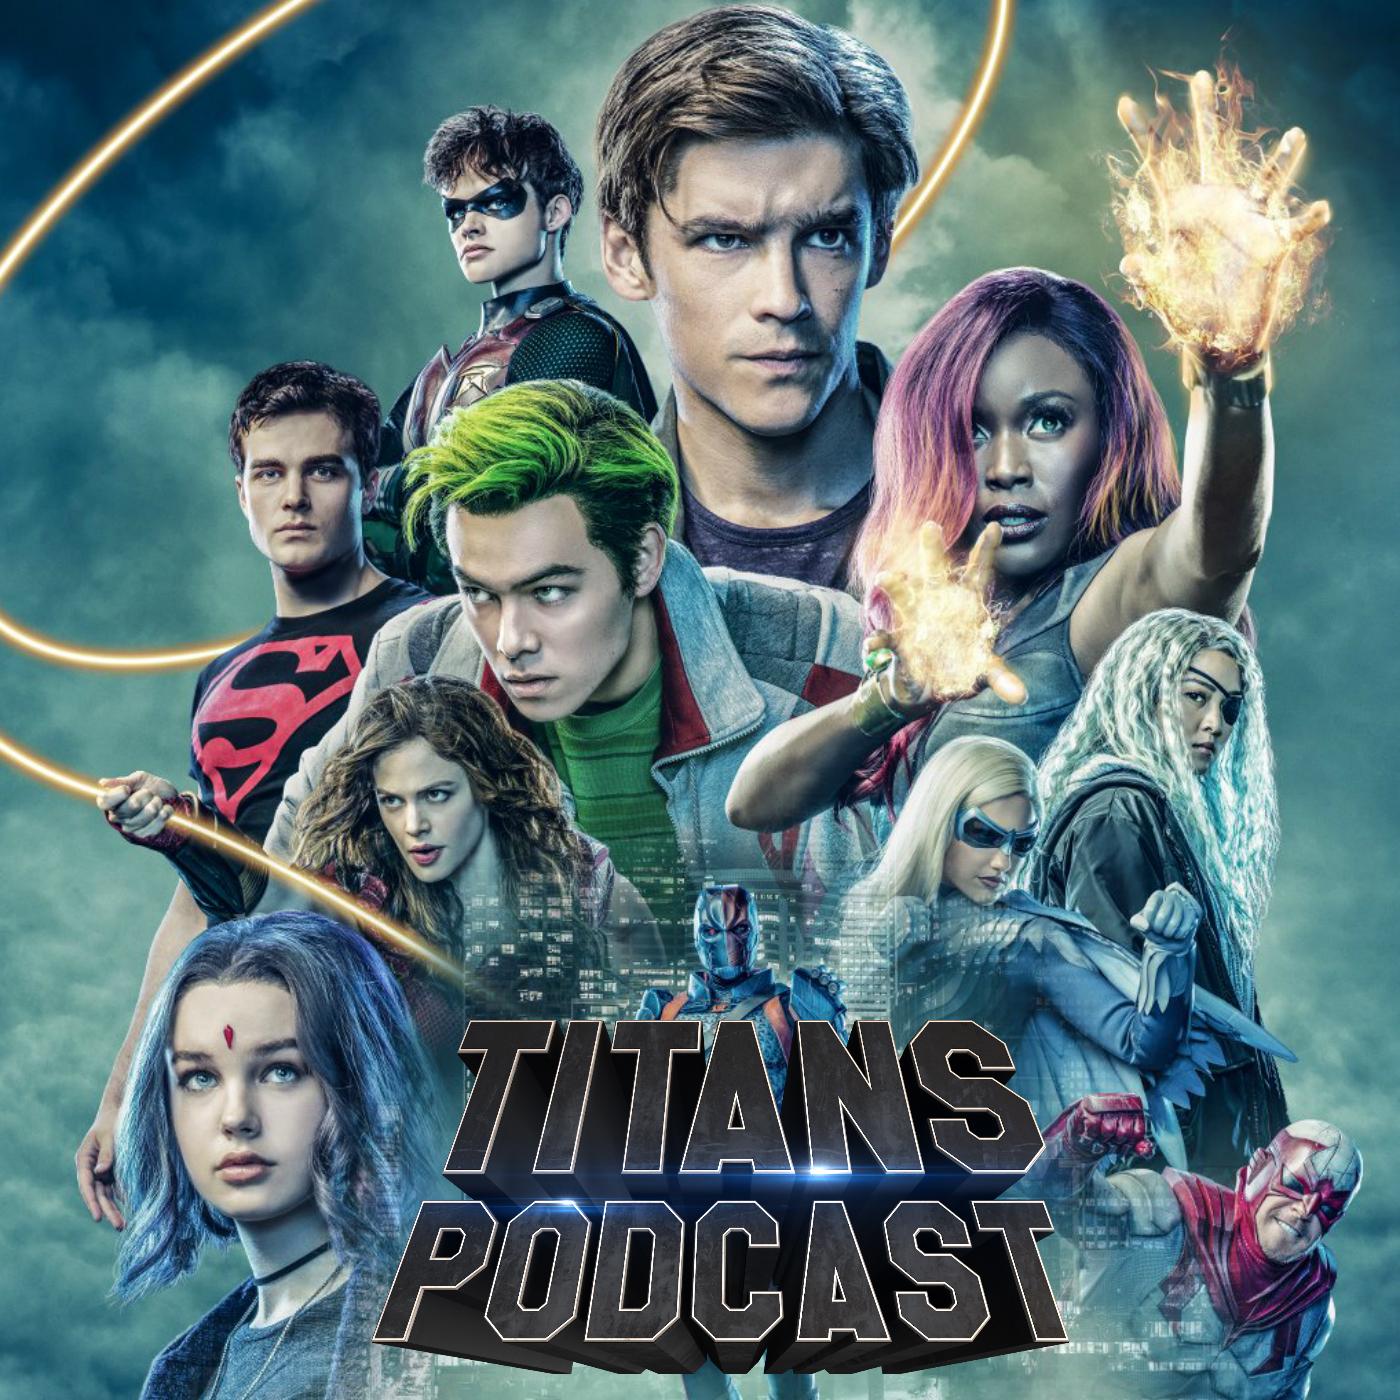 Titans Podcast show art